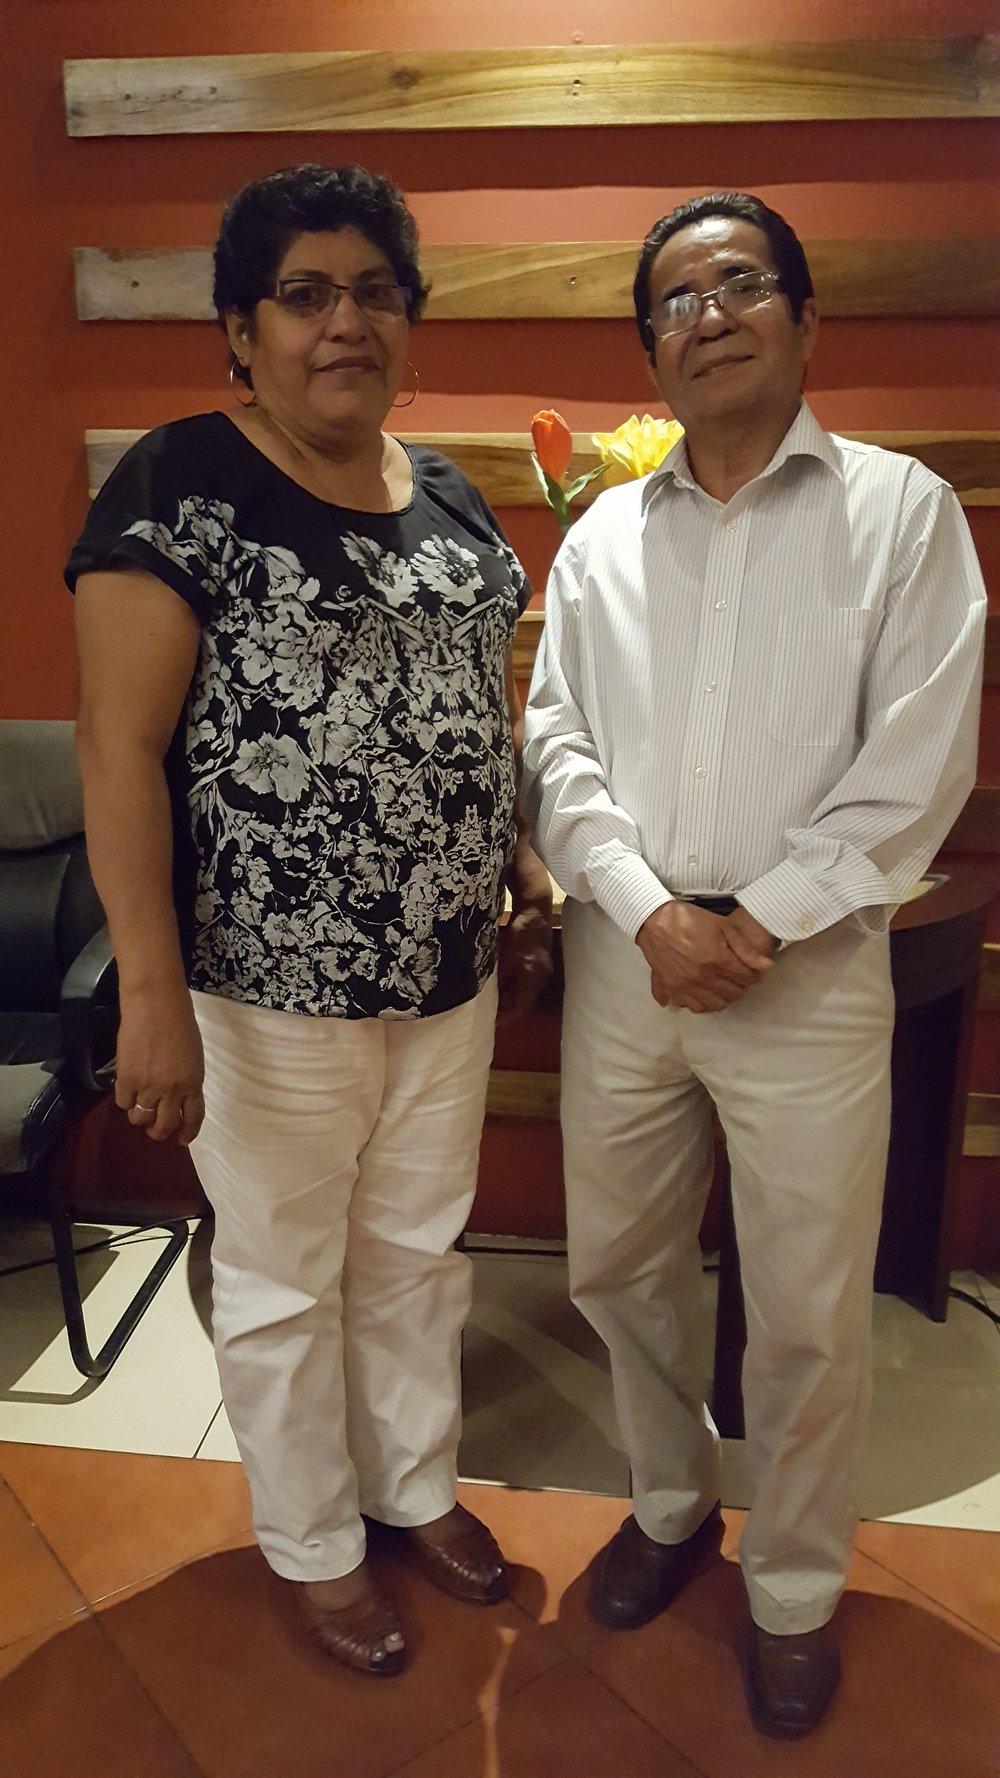 Lic. Norma Belladira Vanegas Bojorque   Comité Administrativo y de Finanzas